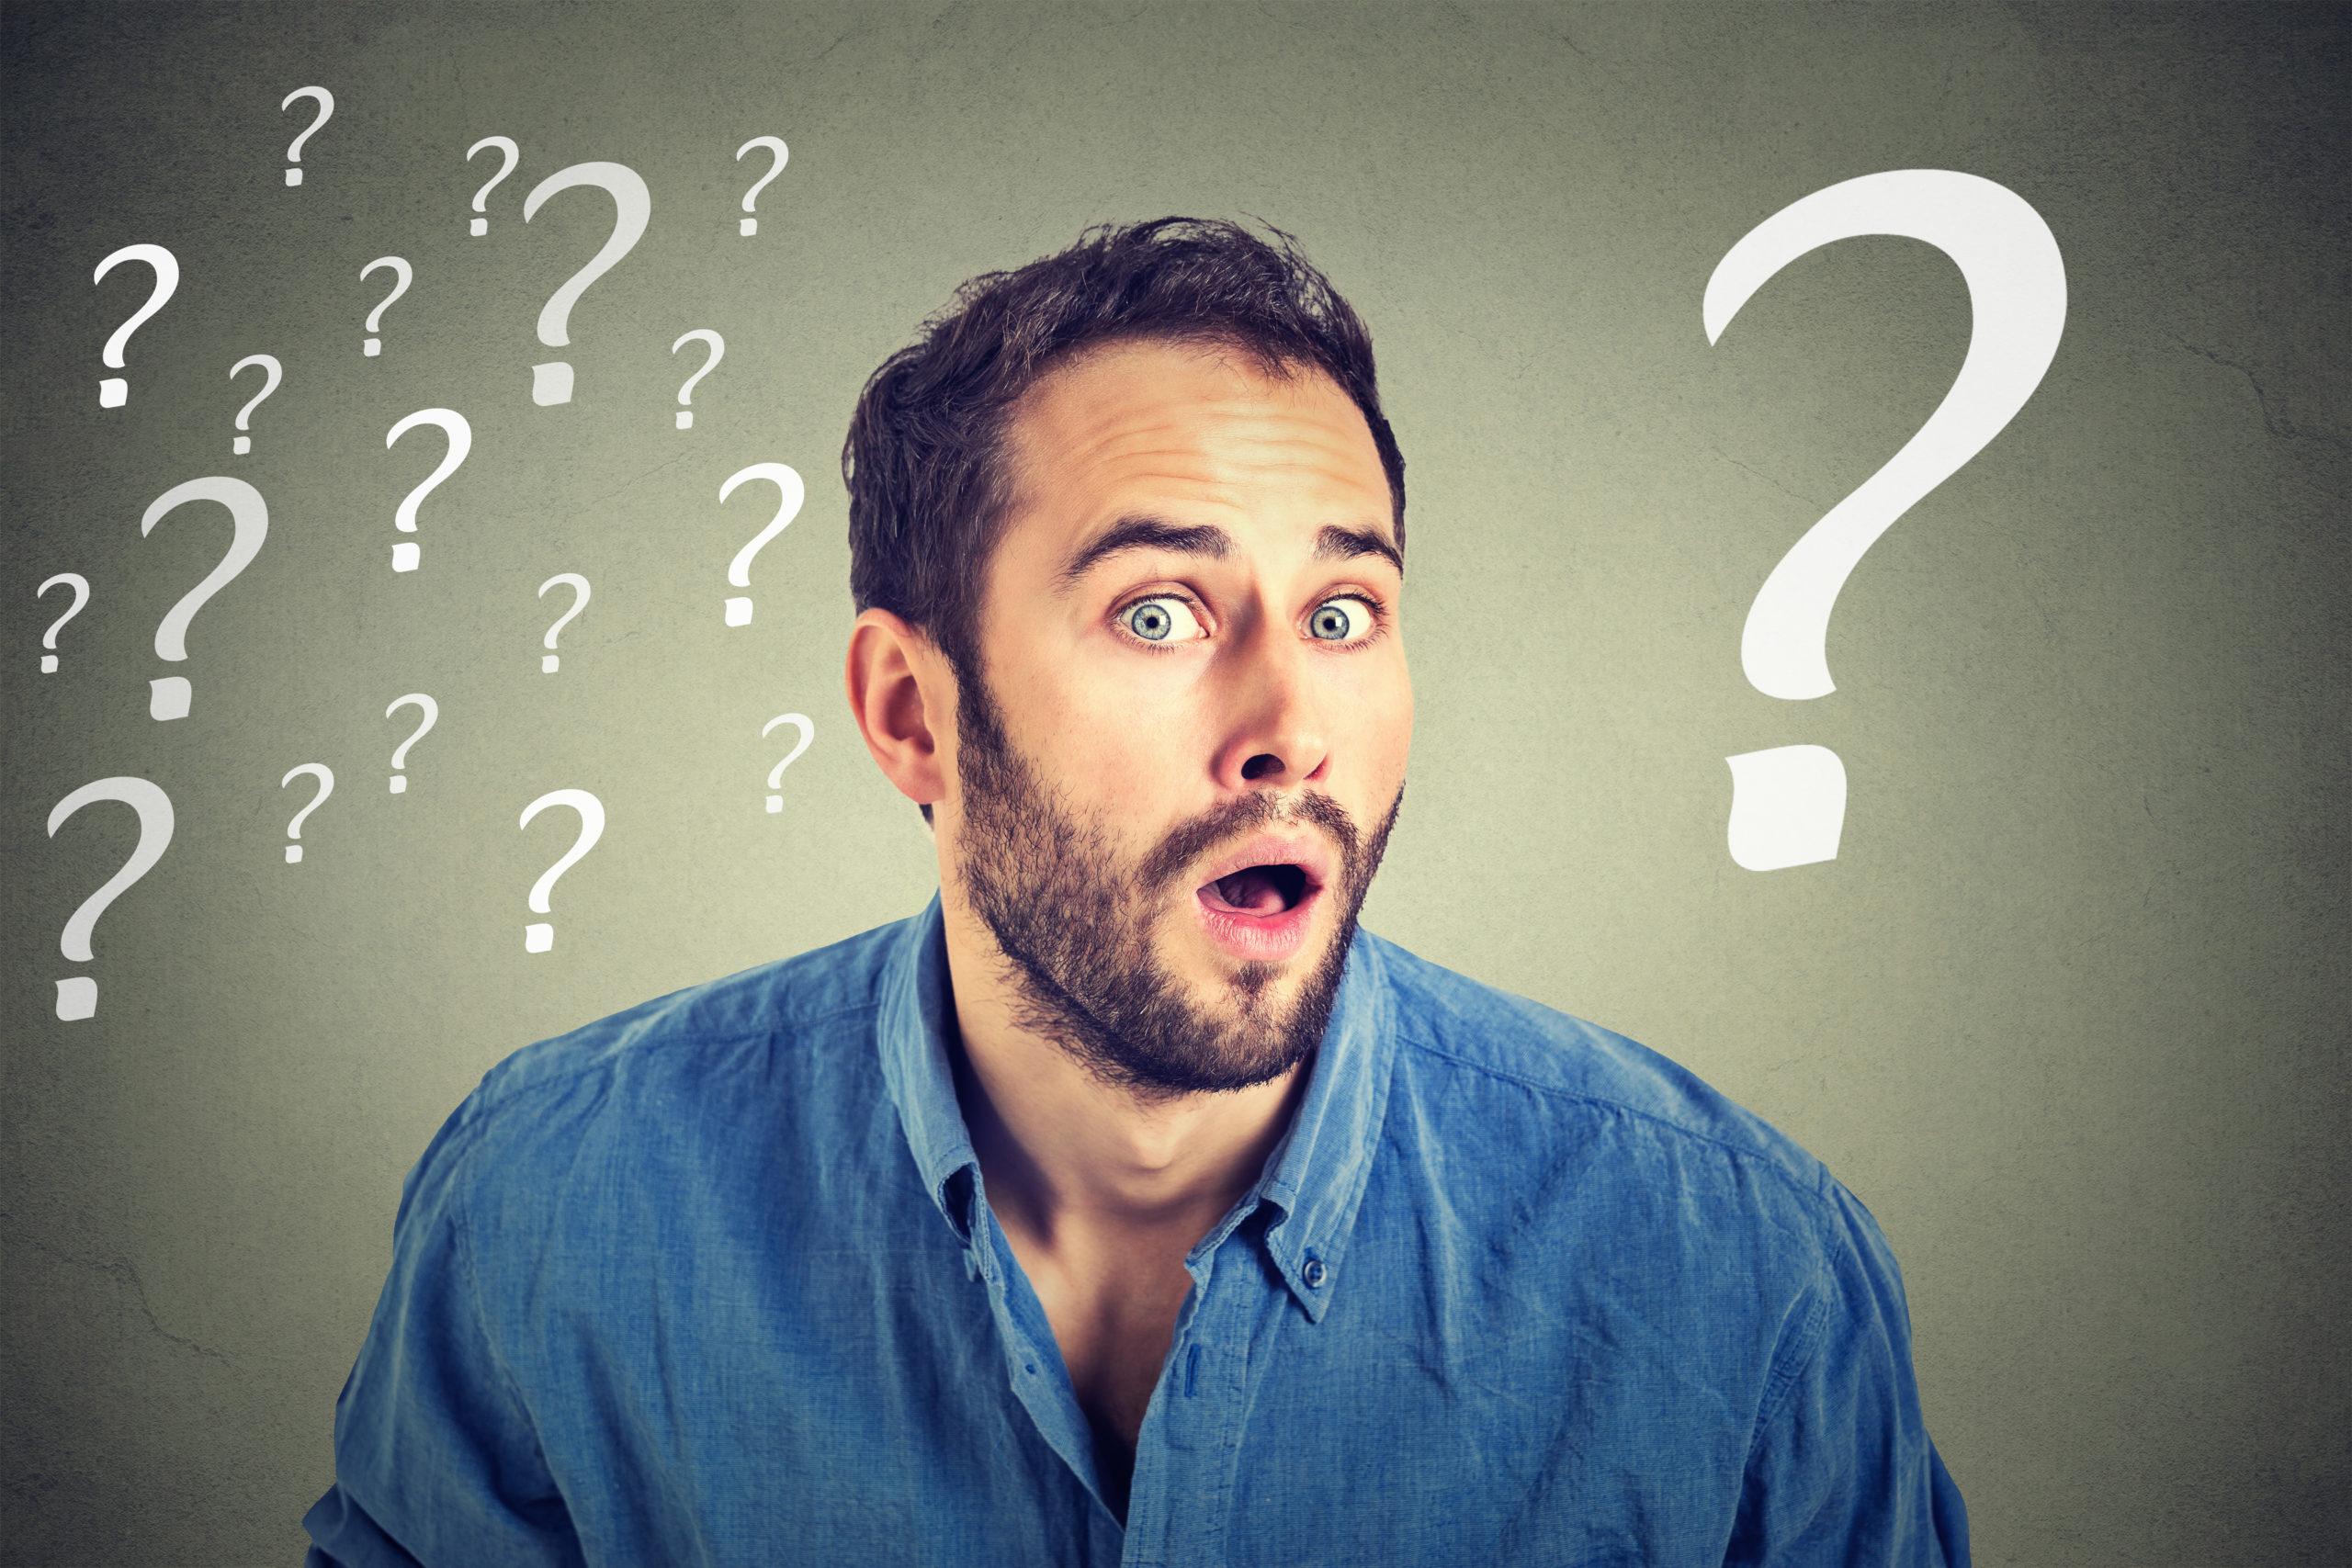 L'hypnose peut-elle suffire, à elle seule, pour traiter l'éjaculation précoce ?